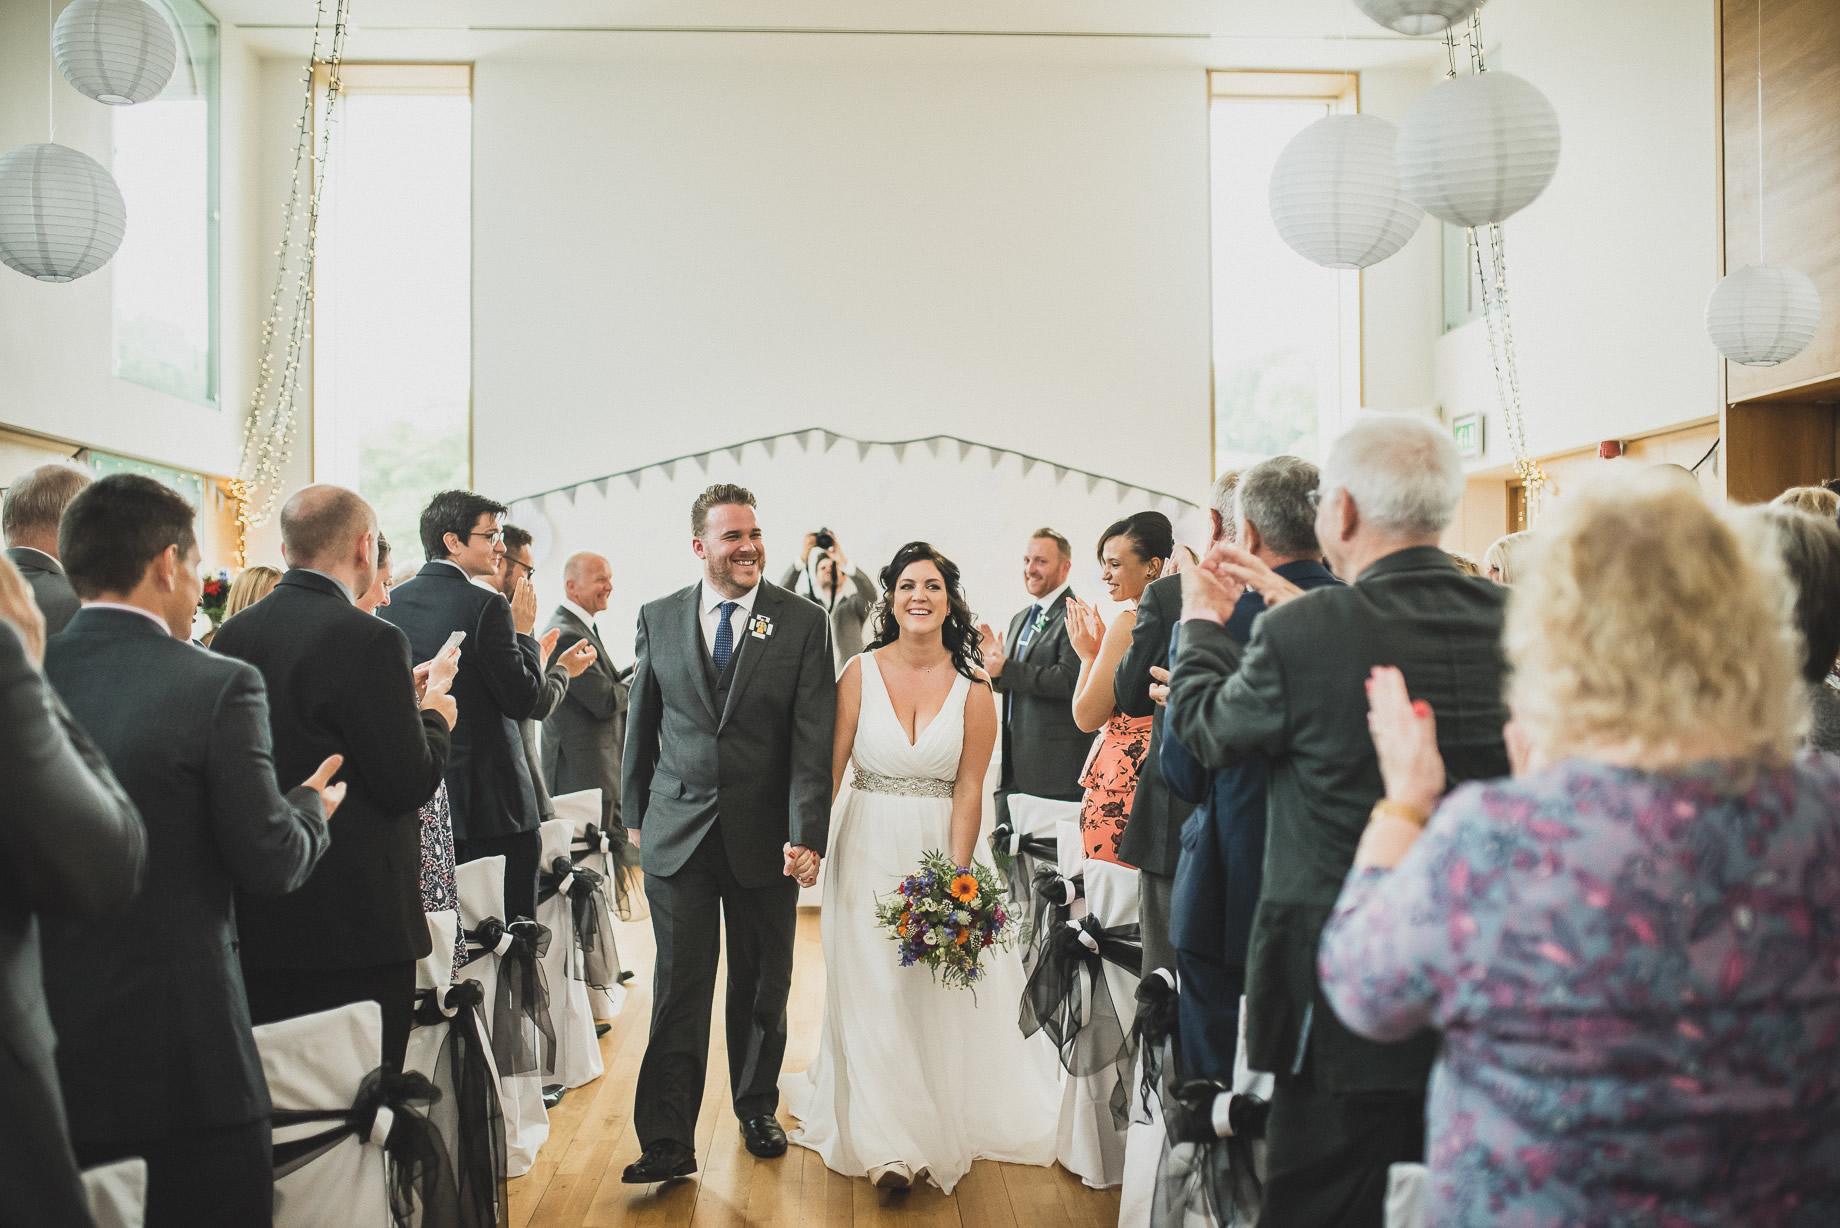 Becky and John's Wedding at Slaidburn Village Hall 090